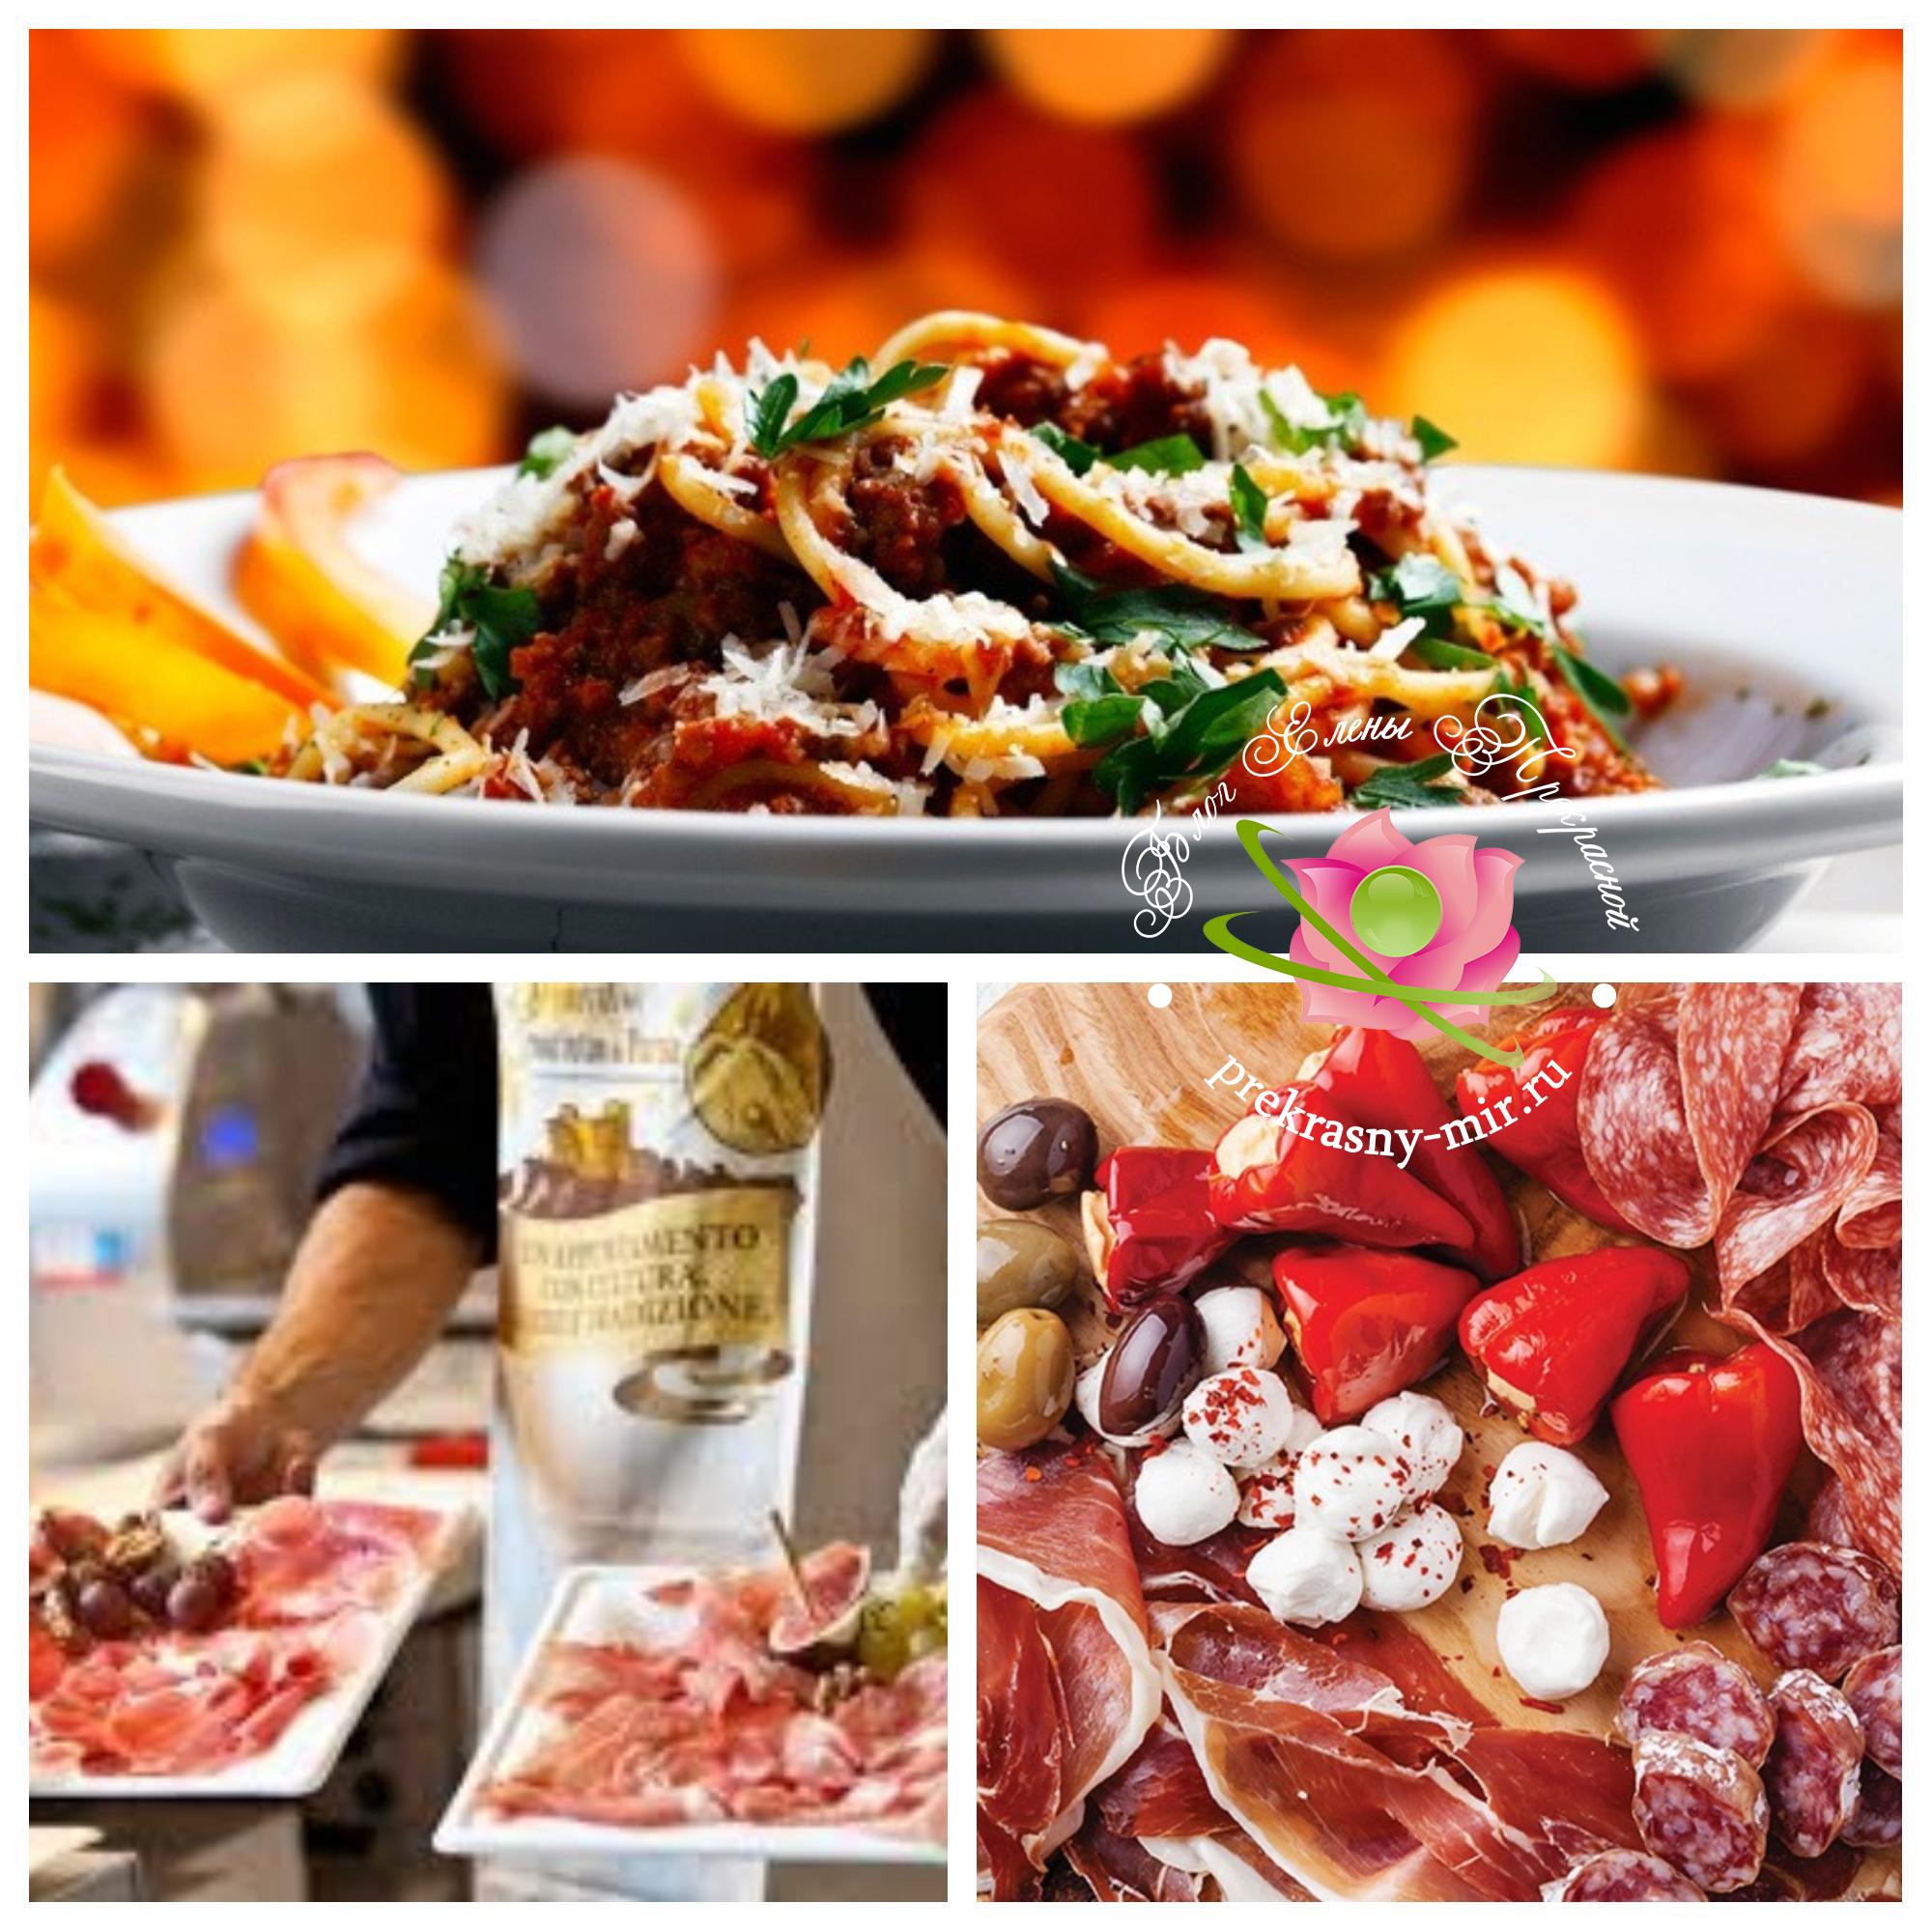 Местная итальянская кухня